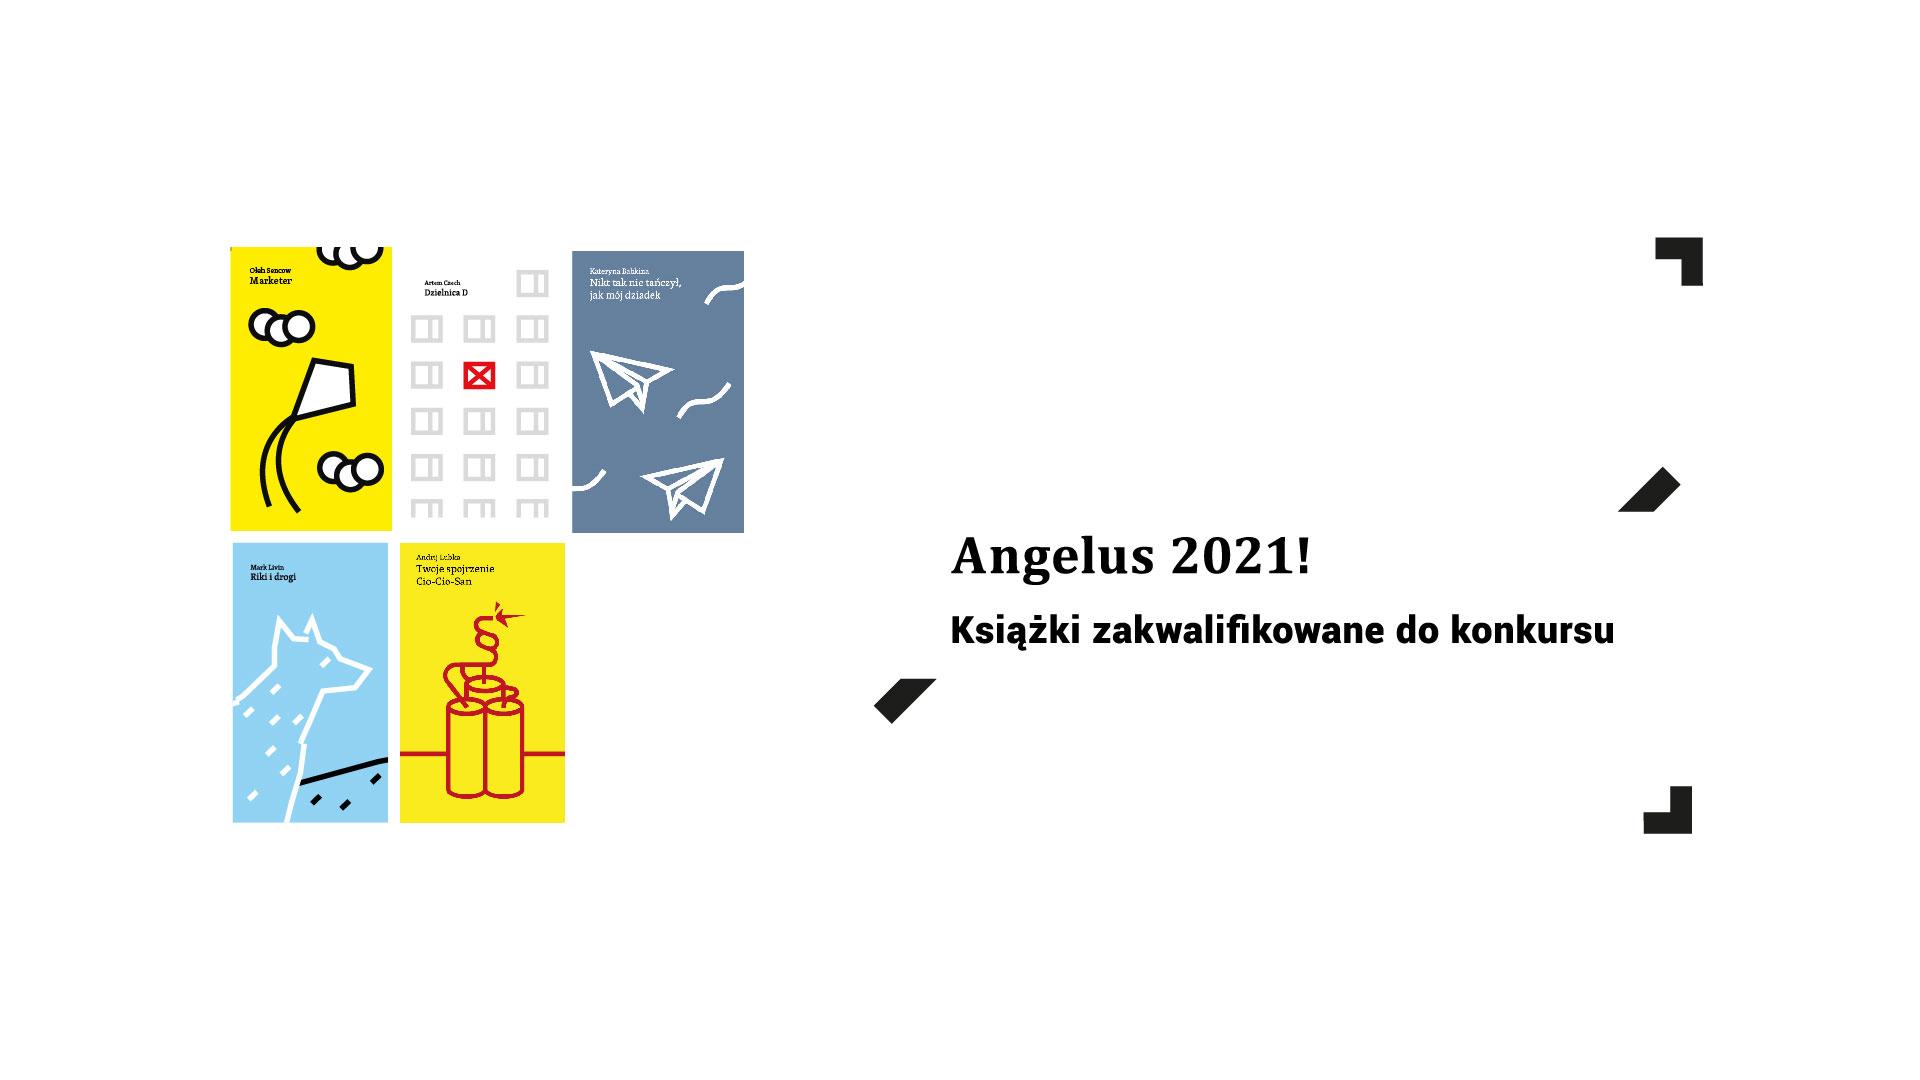 Grafika promująca listę ksiażke zakwalifikowanych do nagrody literackiej ANGELUS.